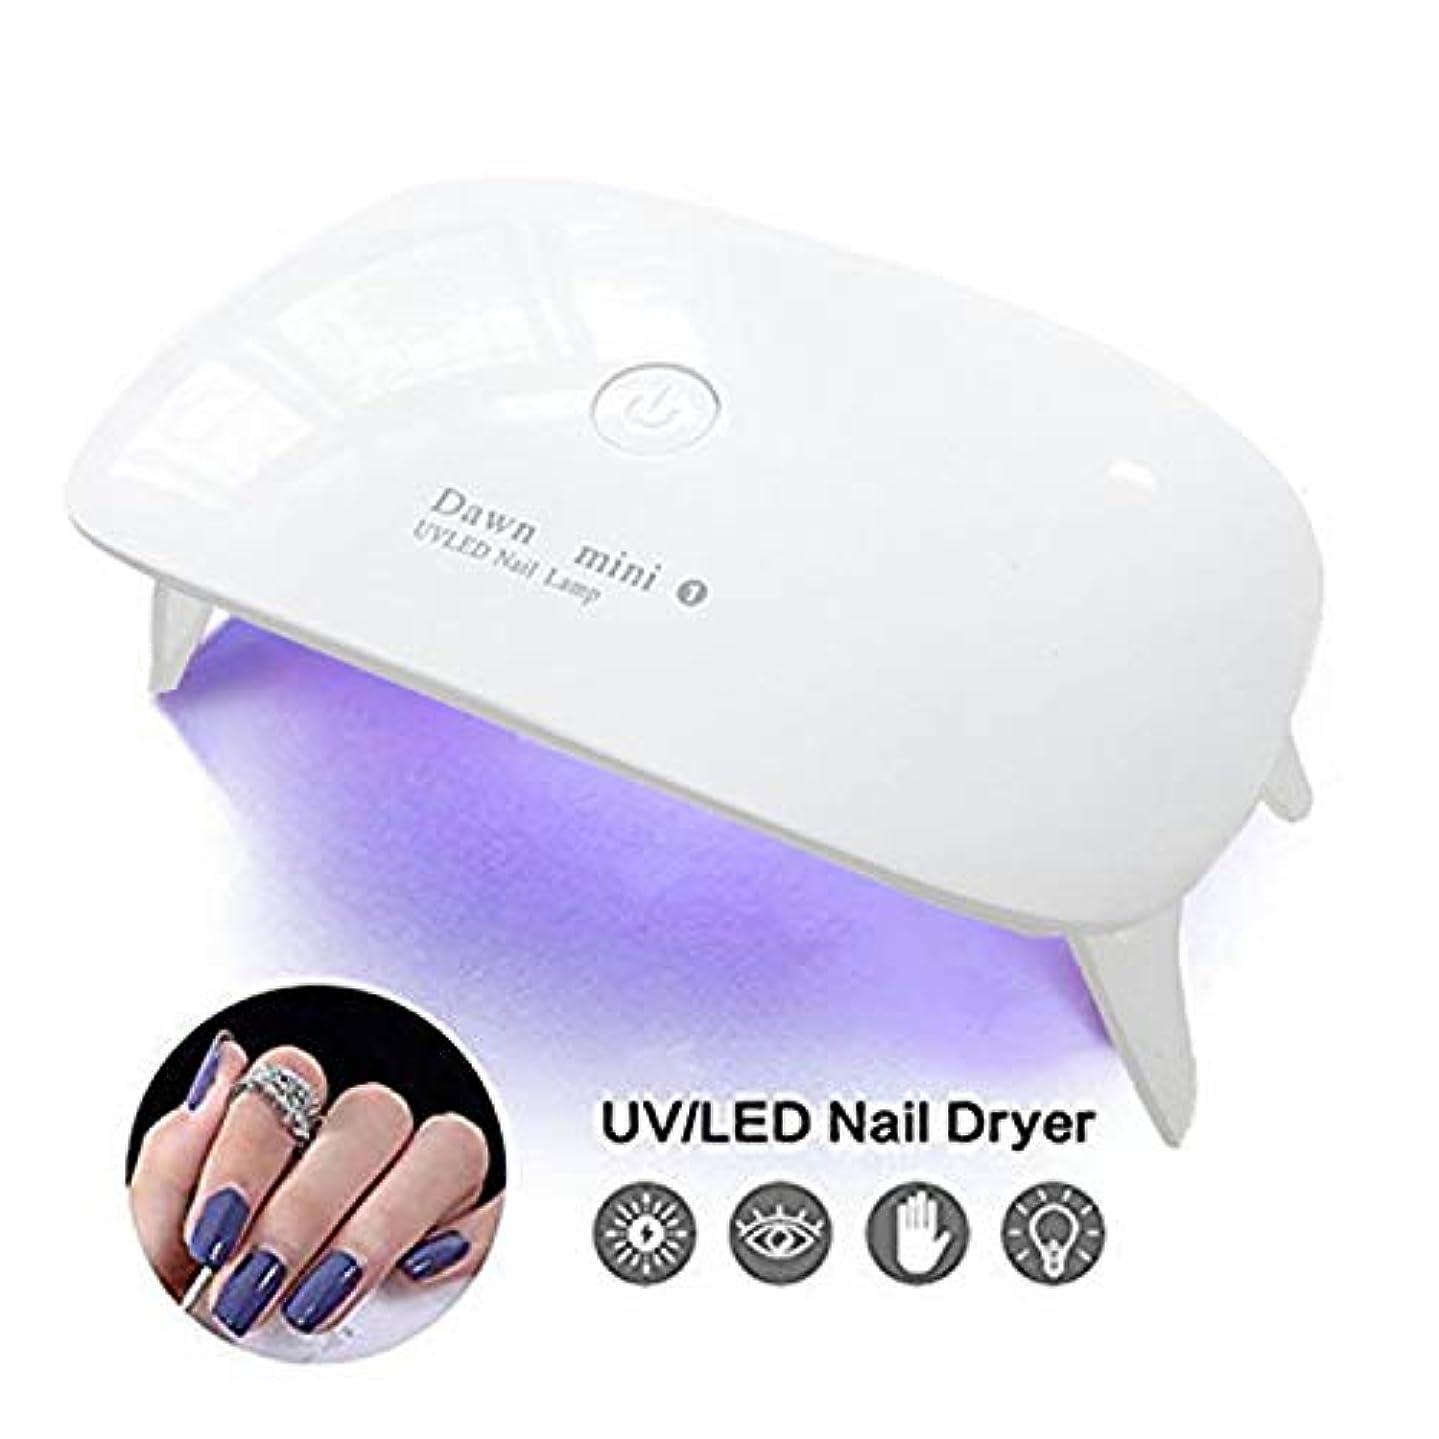 ふつう高潔なむさぼり食うUVライト LEDネイルドライヤー ジェルネイルLEDライト 硬化ライト タイマー設定可能 折りたたみ式手足とも使える UV と LEDダブルライト ジェルネイル用 ホワイト 日本語説明書付き